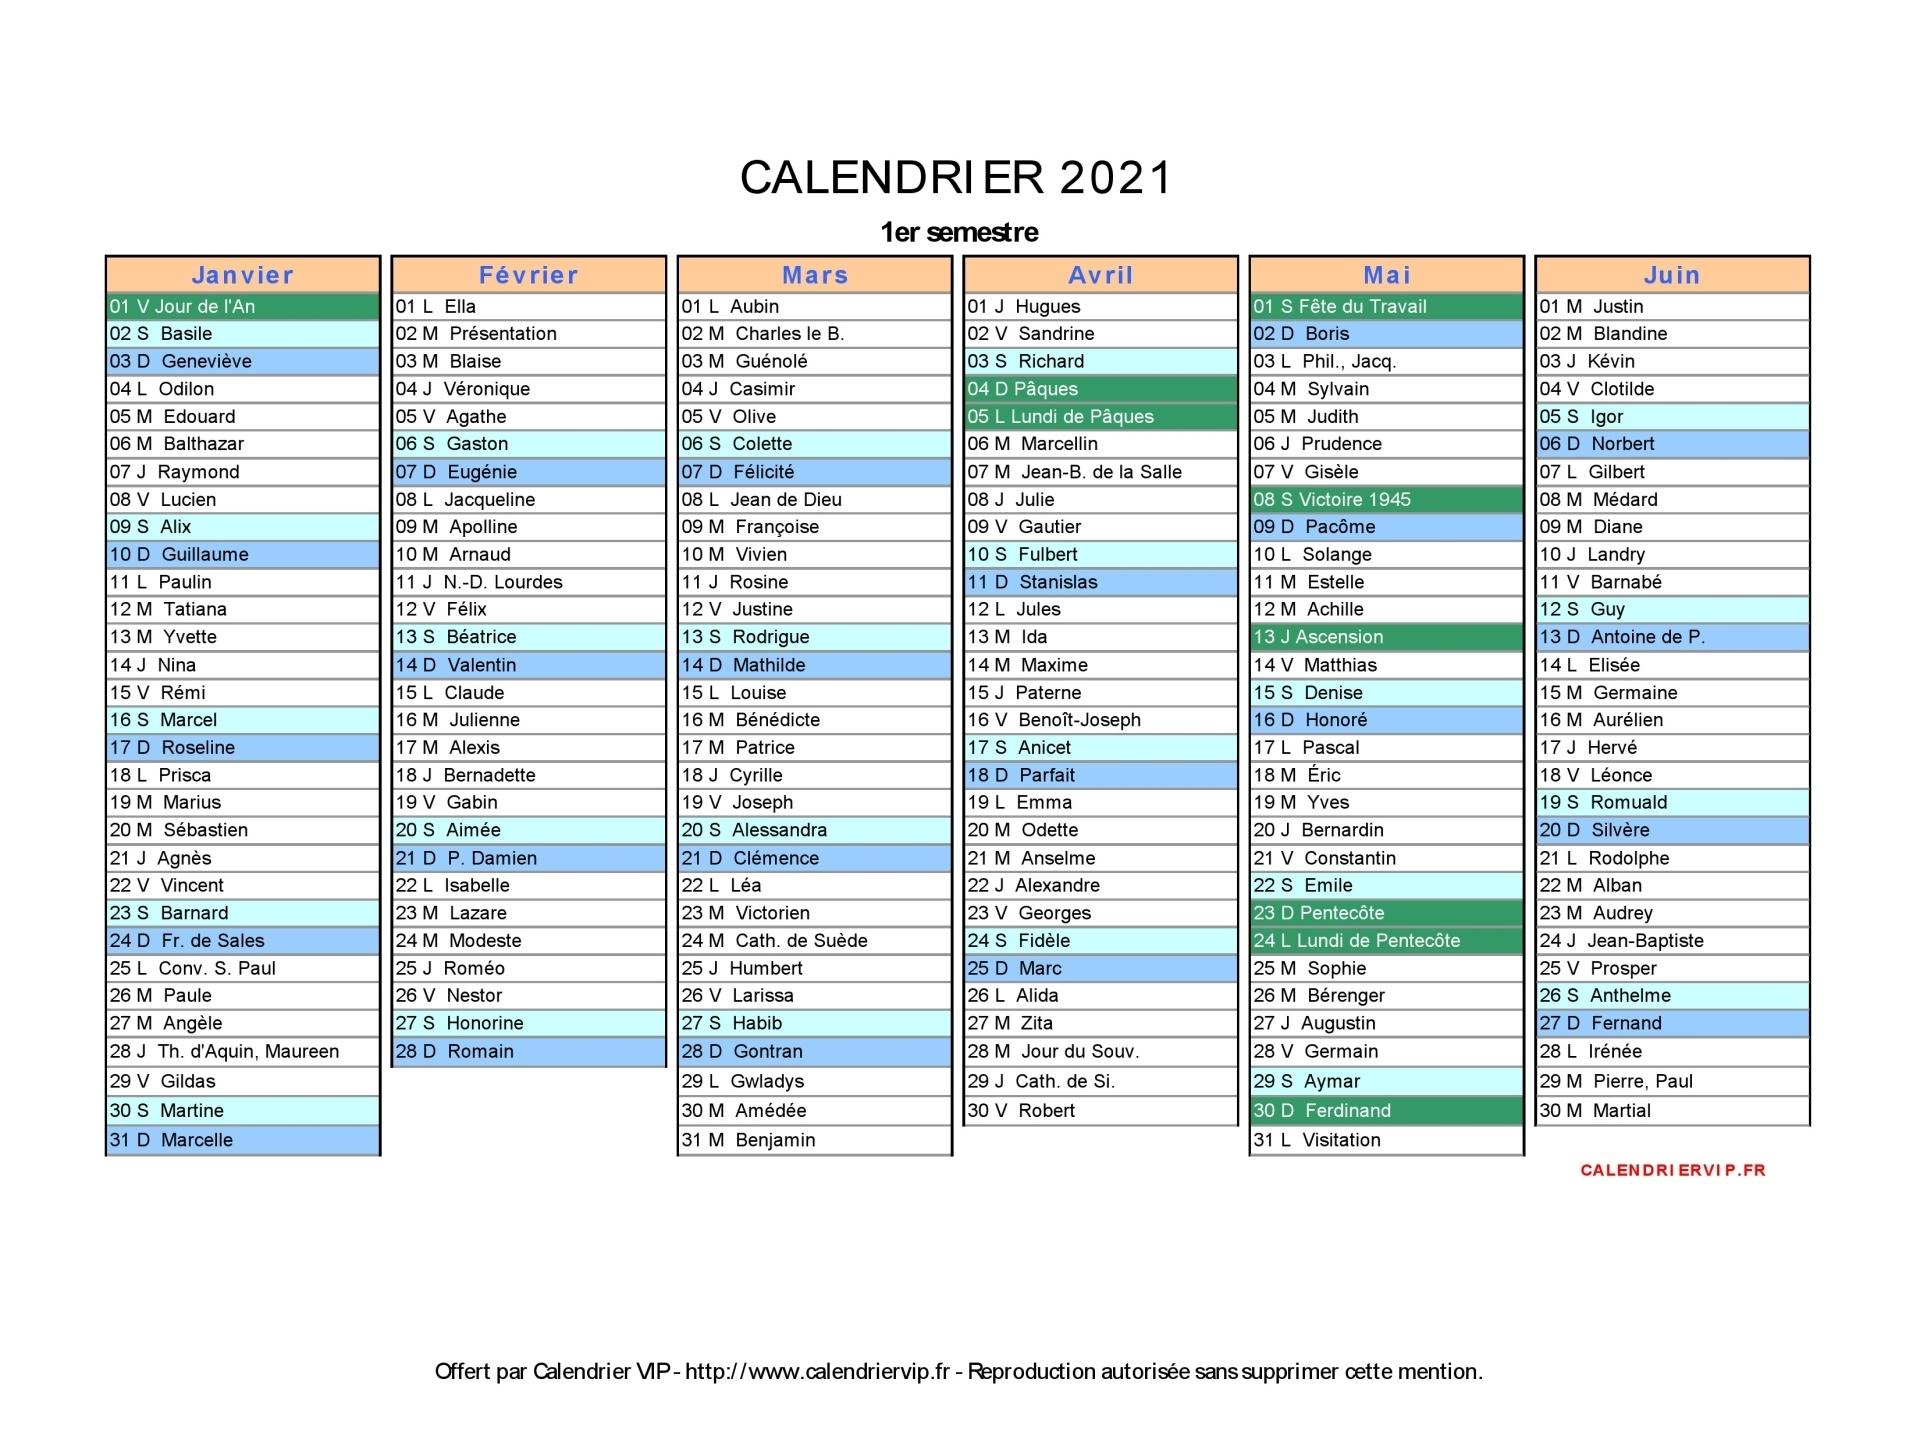 Telecharger Calendrier 2021 Gratuit Calendrier 2021 à imprimer gratuit en PDF et Excel